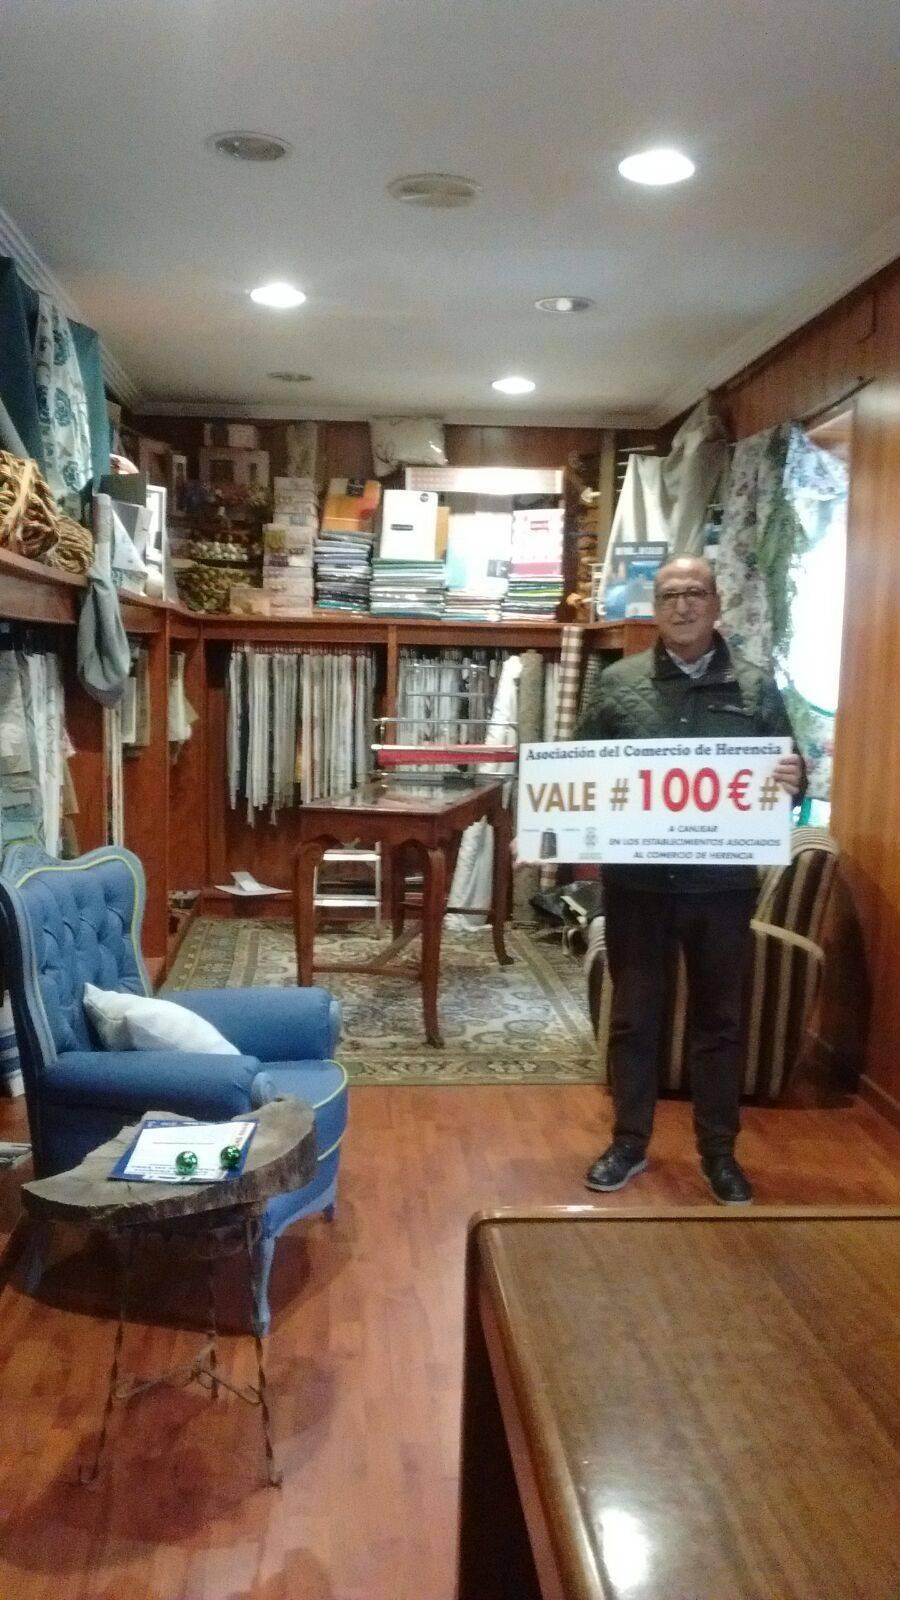 Uno de los ganadores del premio de 100 euros del comercio de Herencia - Ganadores del sorteo de los cheques regalo de la Asociación del Comercio